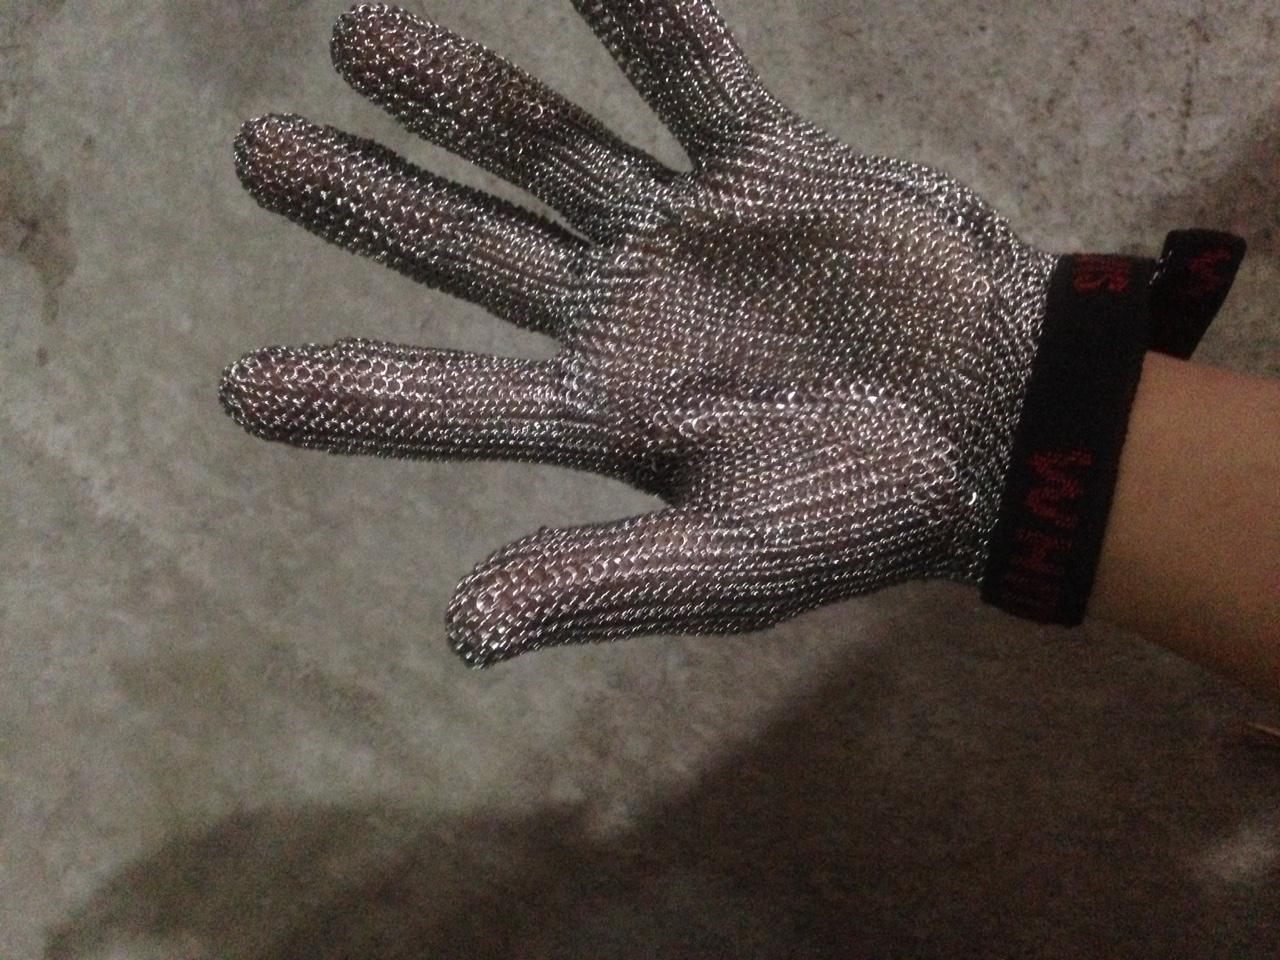 Găng tay chống đâm cắt Honeywell 5 ngón